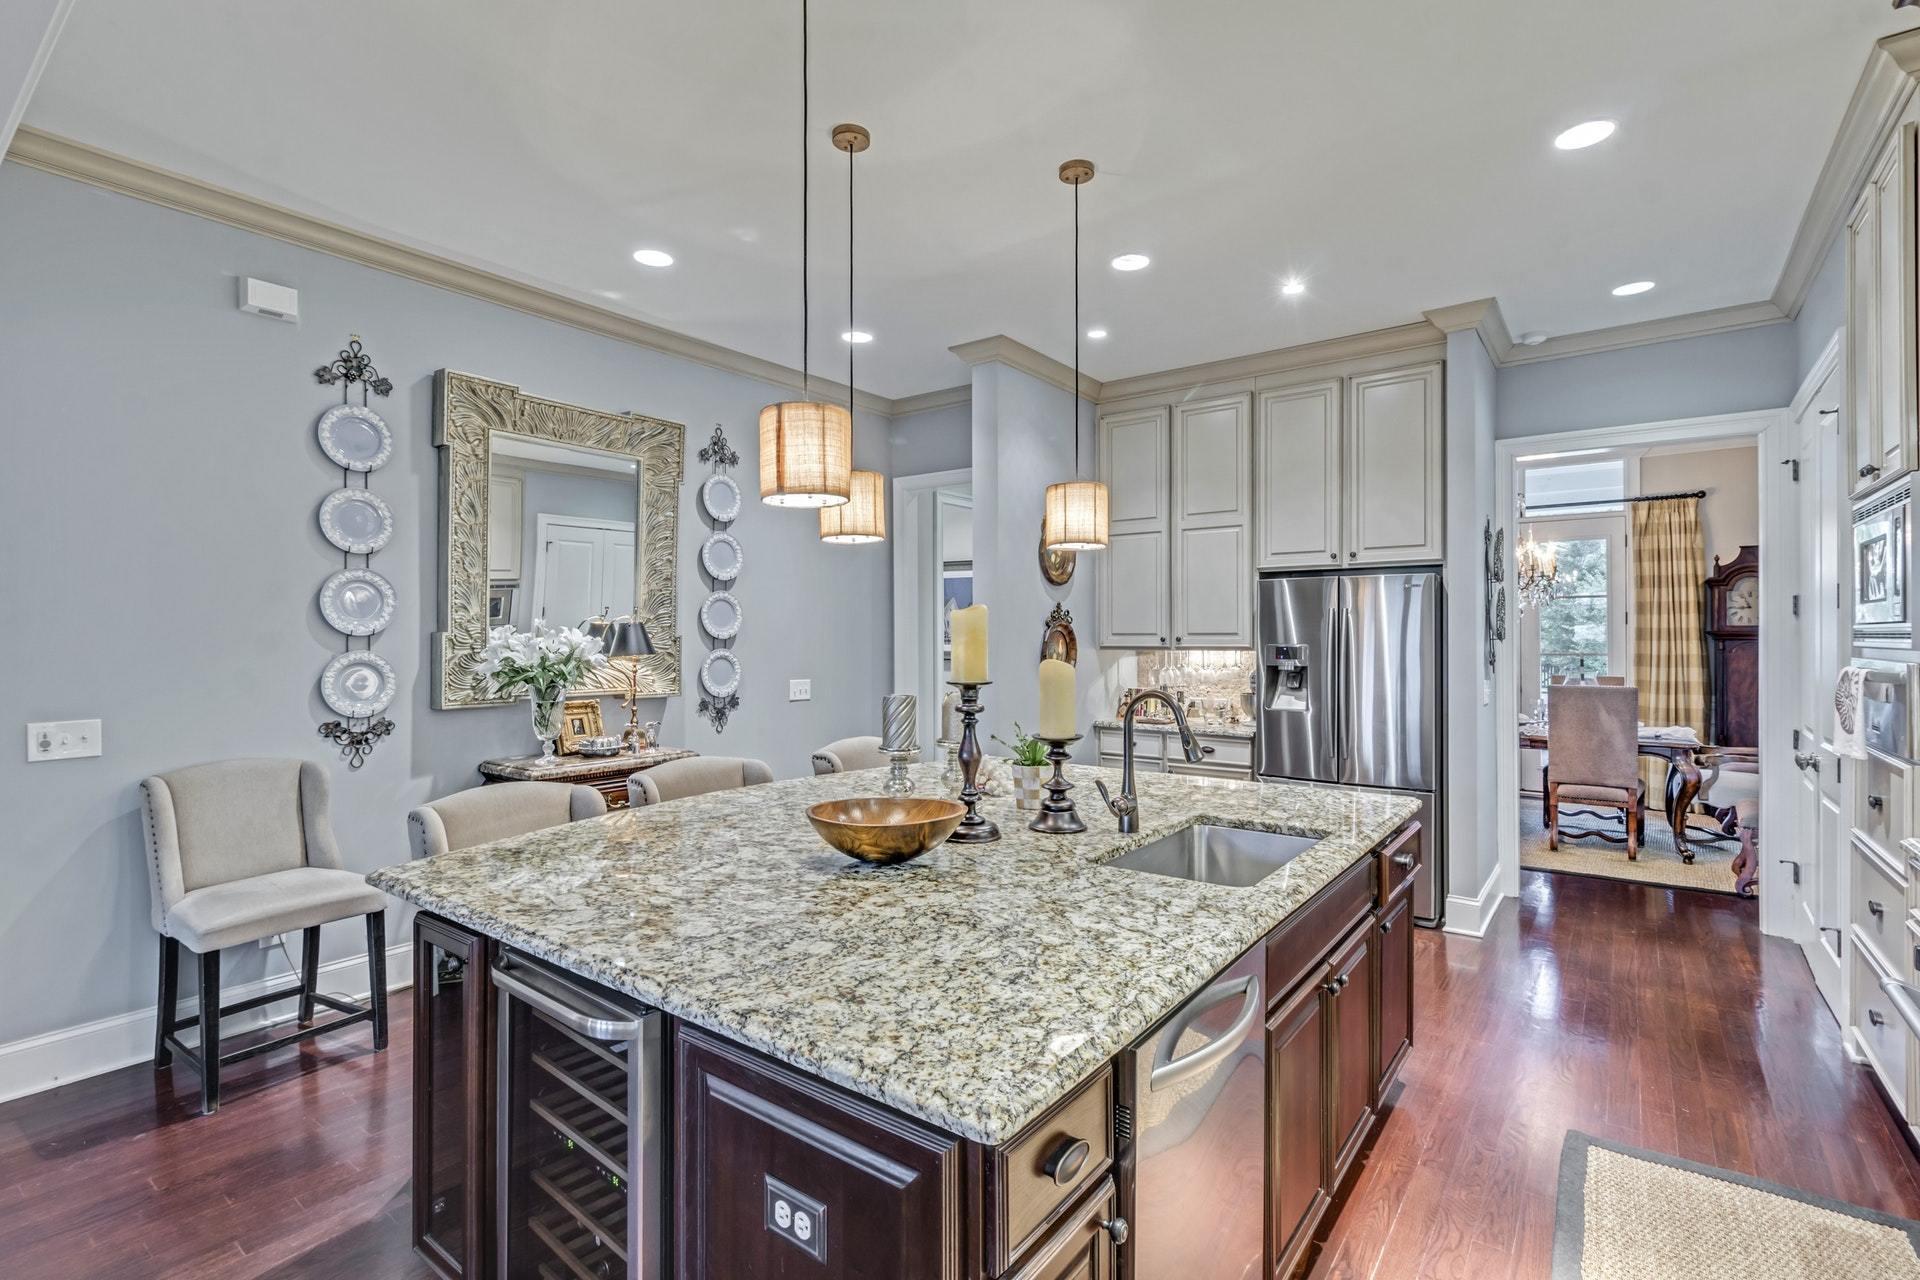 Dunes West Homes For Sale - 2816 River Vista, Mount Pleasant, SC - 0